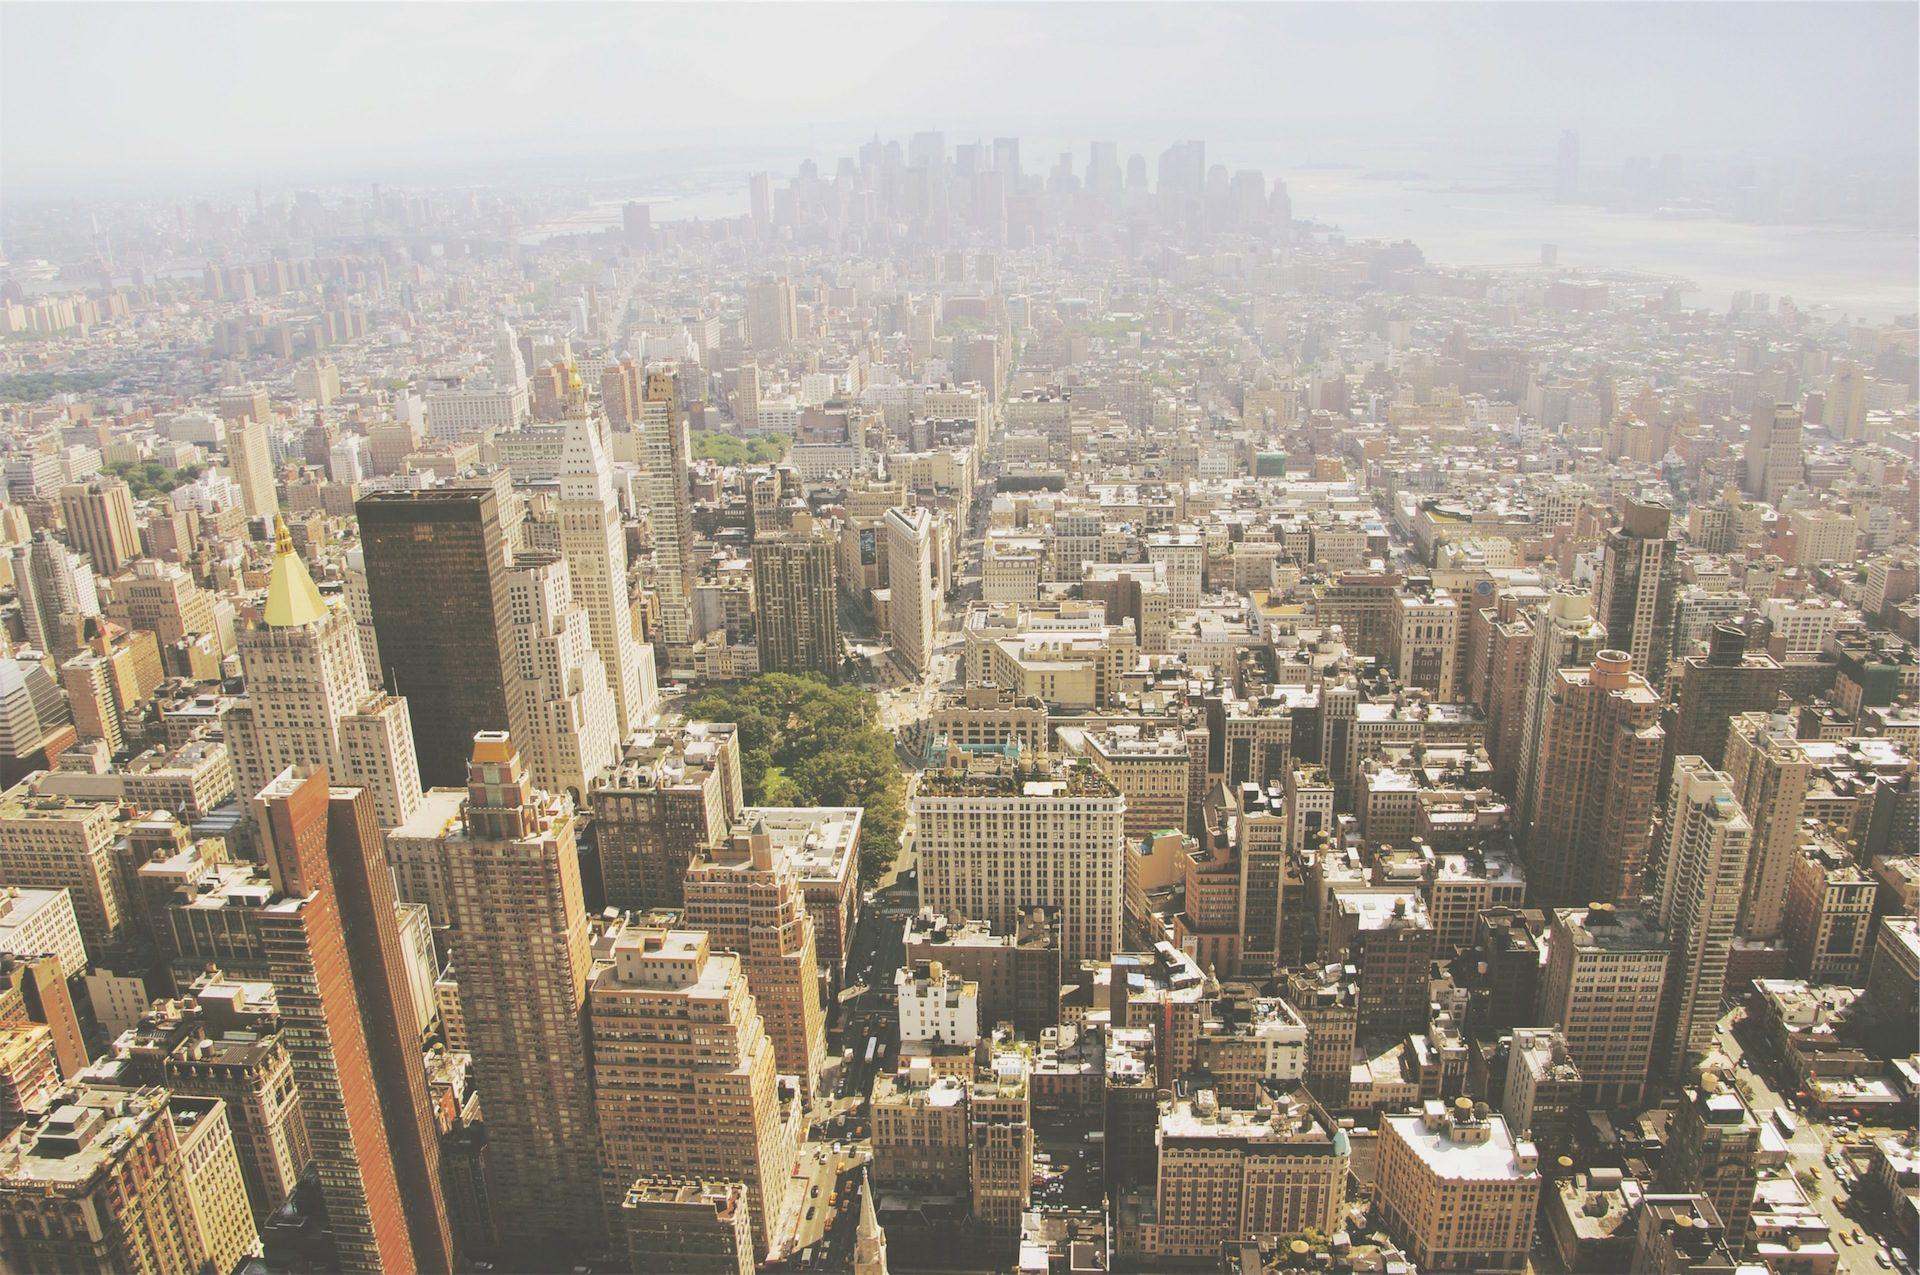 ciudad, metrópolis, aglomeración, contaminación, cemento, 1610251250